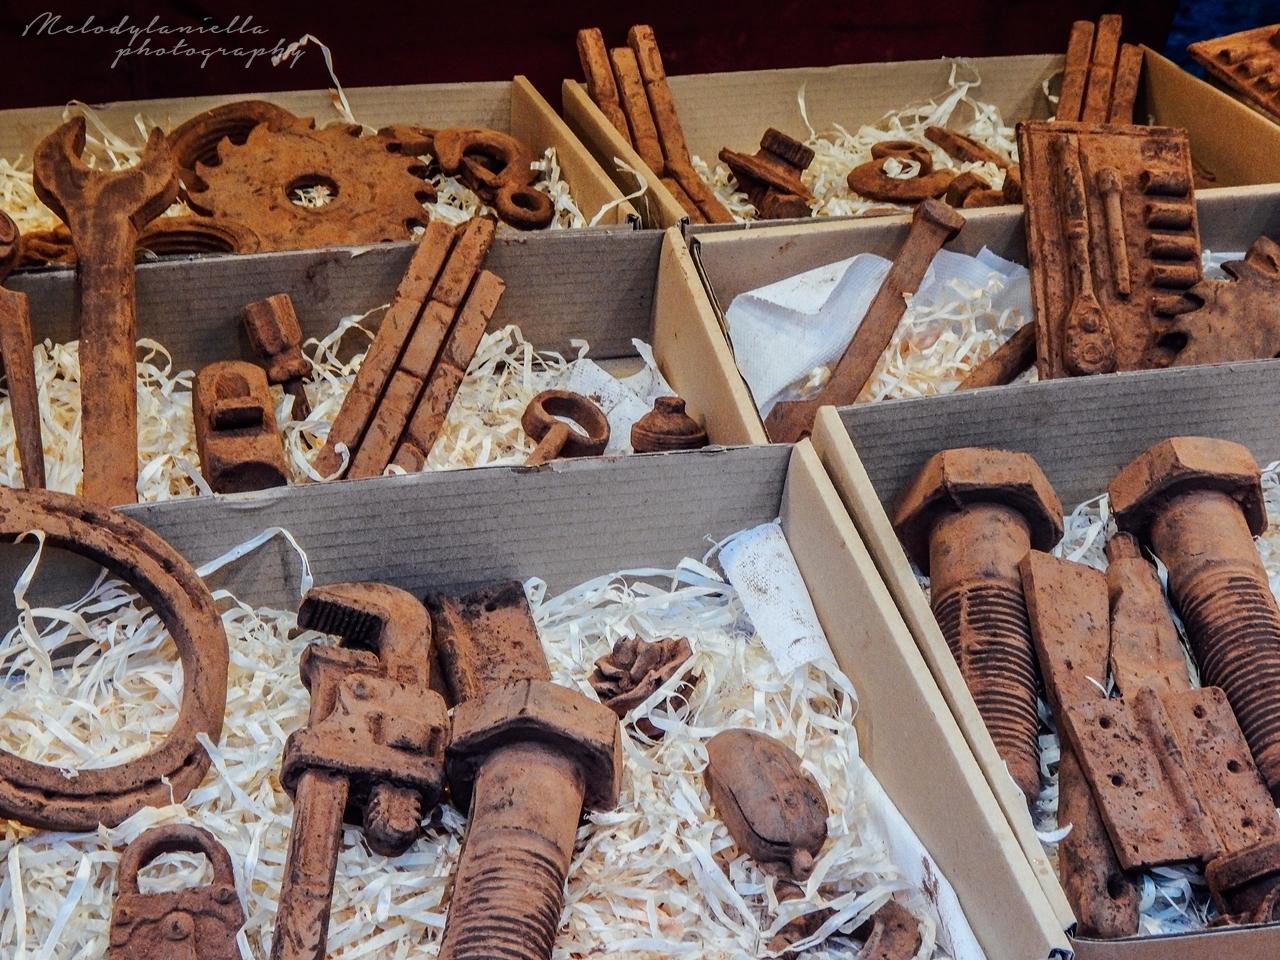 pomysły na świąteczny prezent narzędzia z czekolady